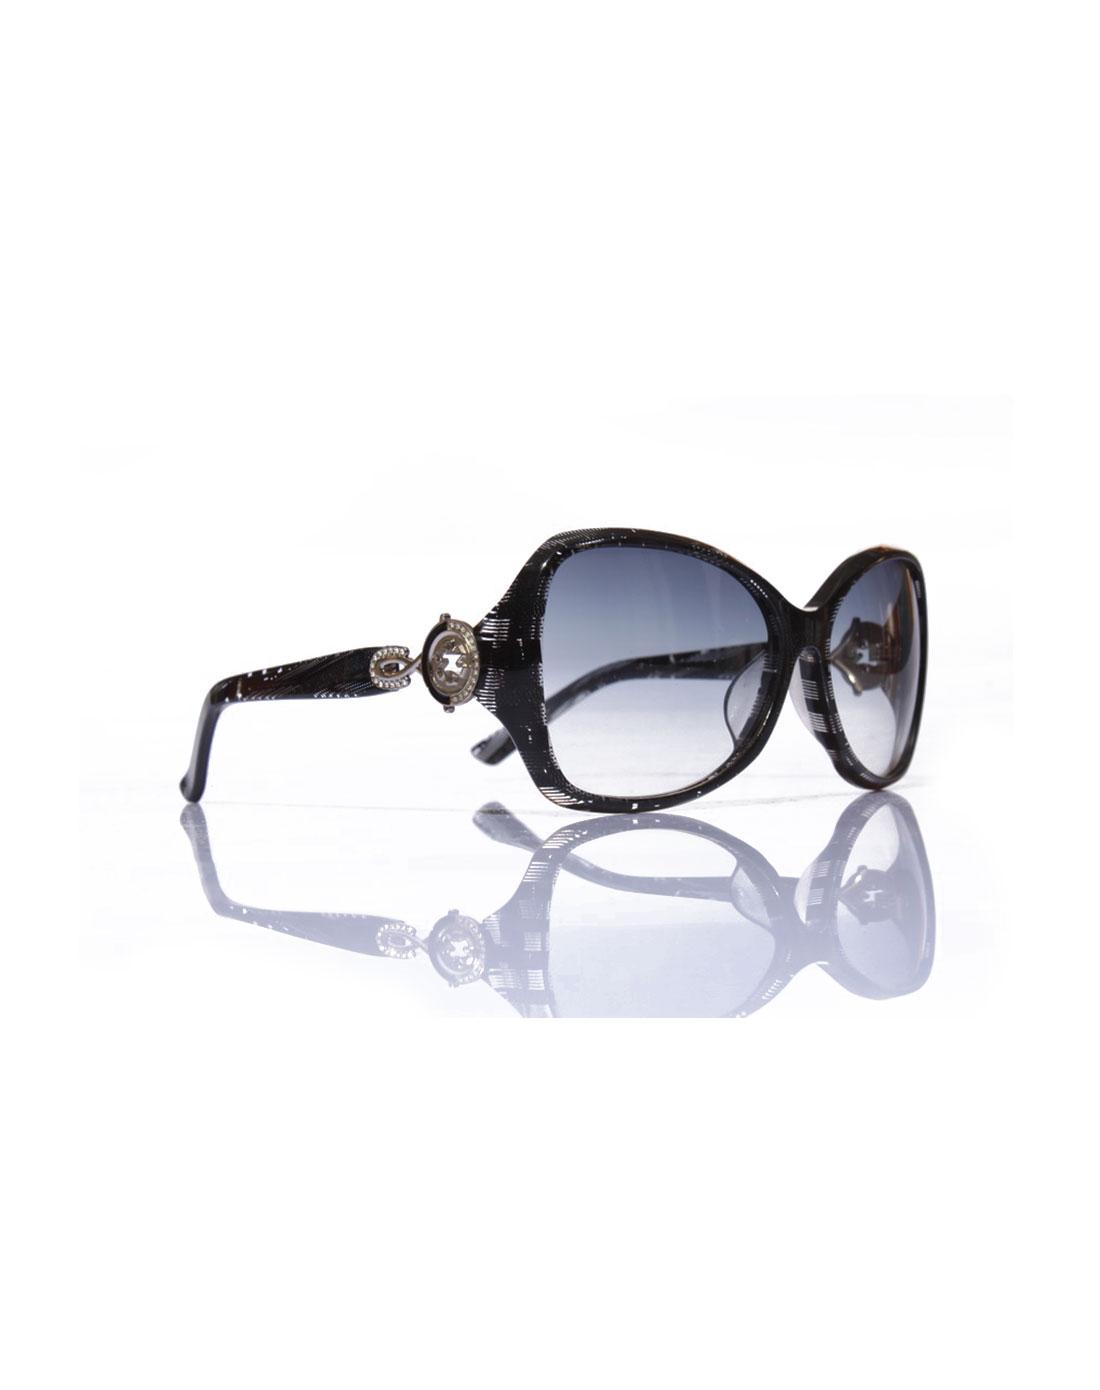 [ 帕莎 ] 女款黑白条纹太阳镜